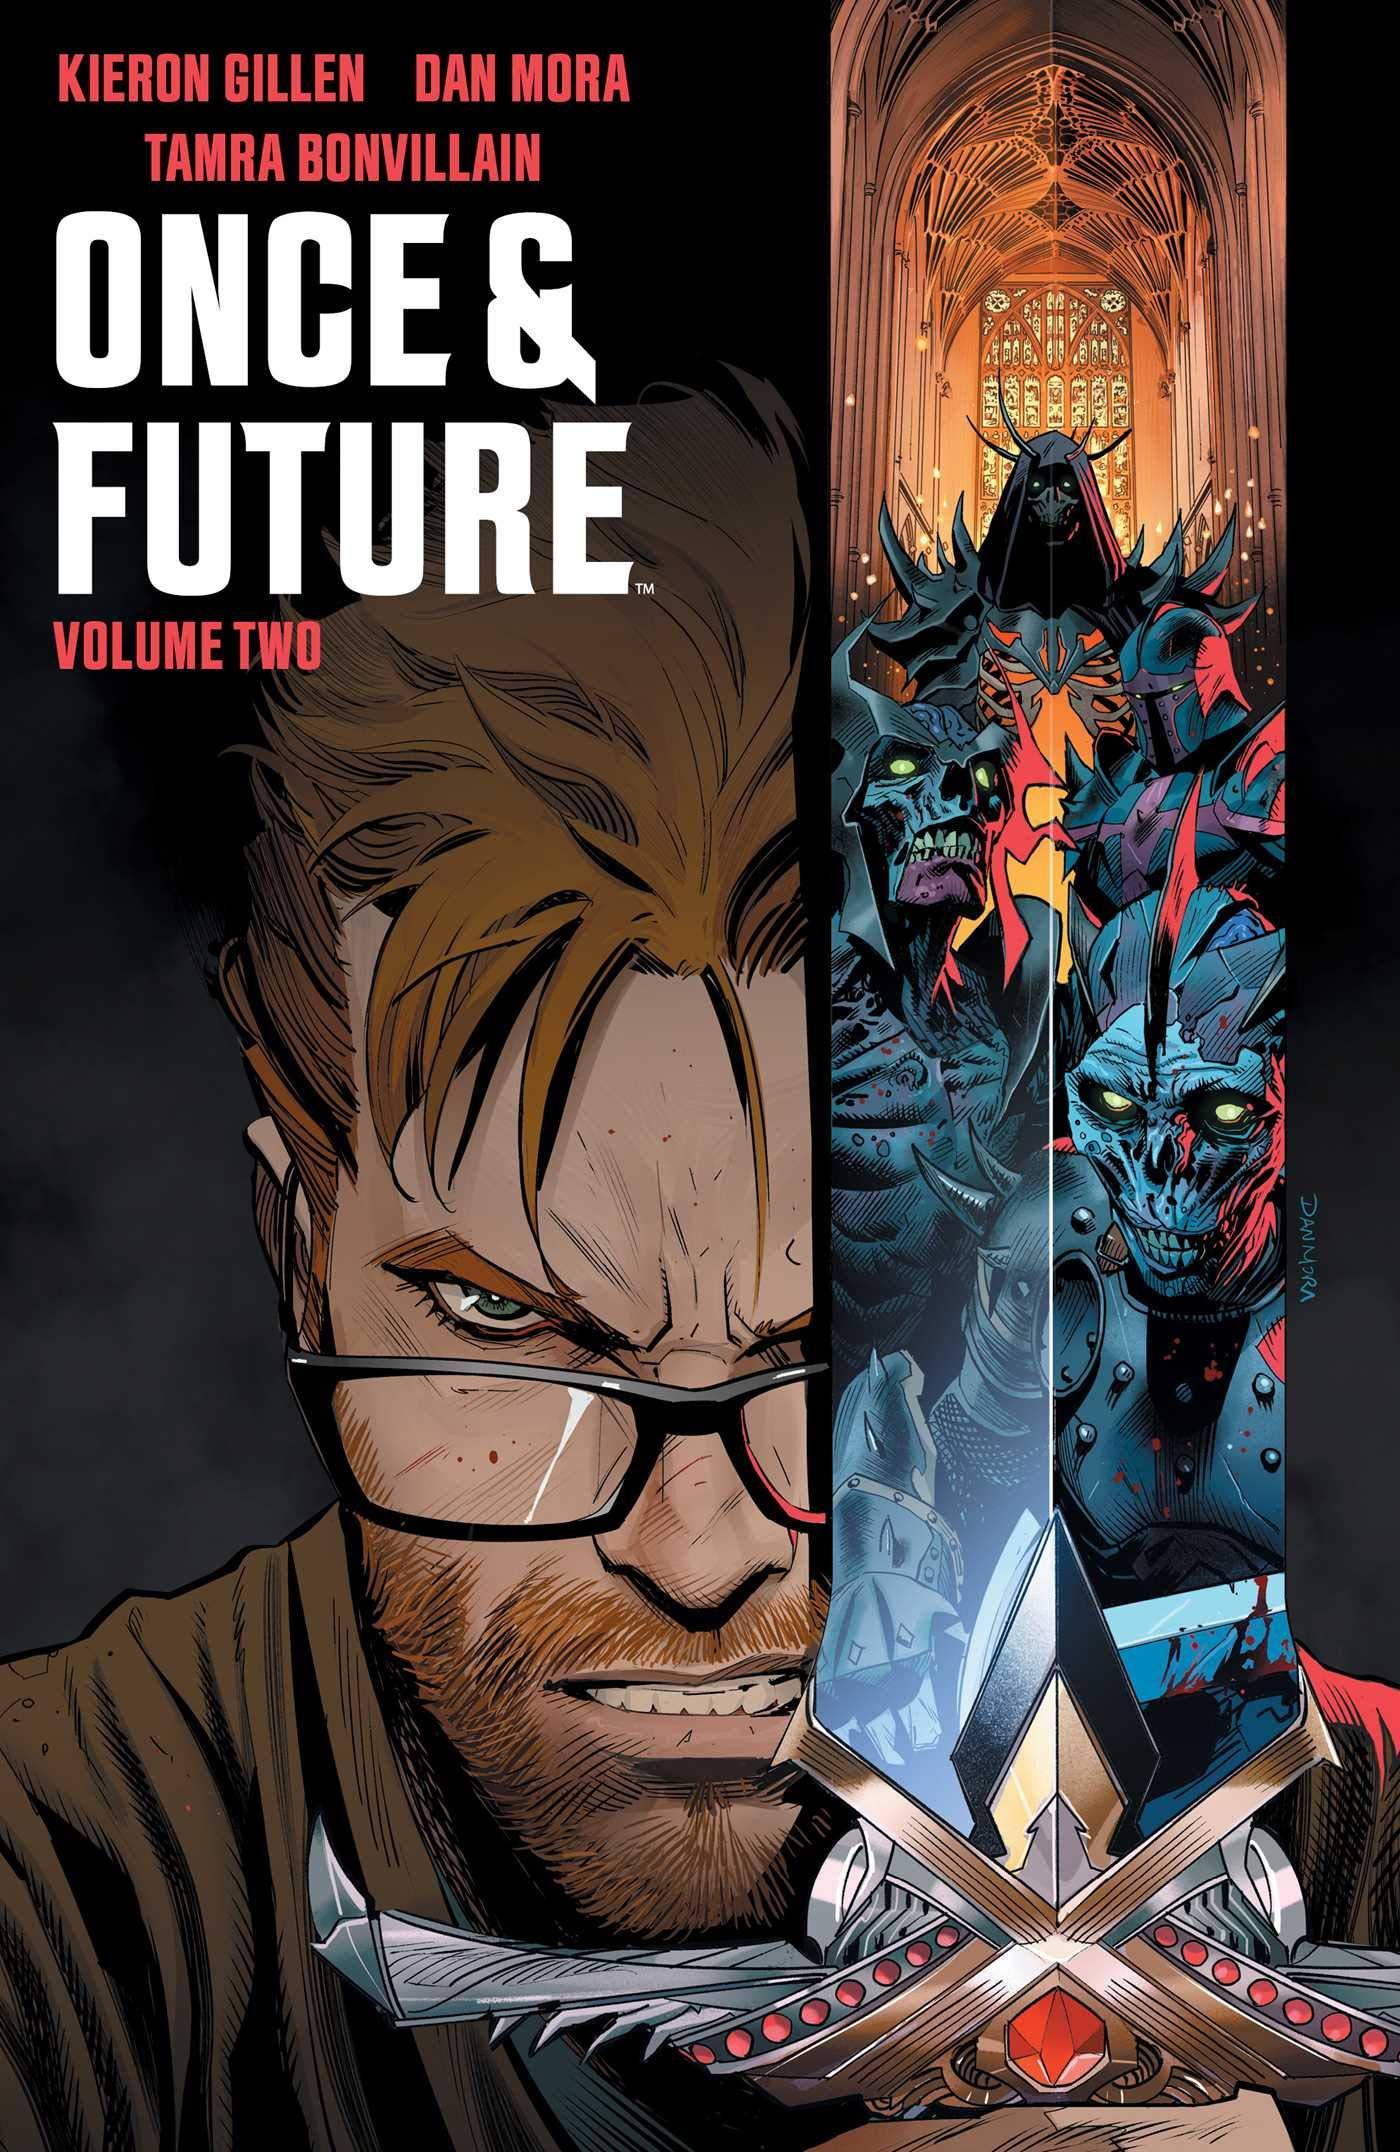 Amazon.fr - Once & Future Vol. 2 SC - Gillen, Kieron, Mora, Dan - Livres